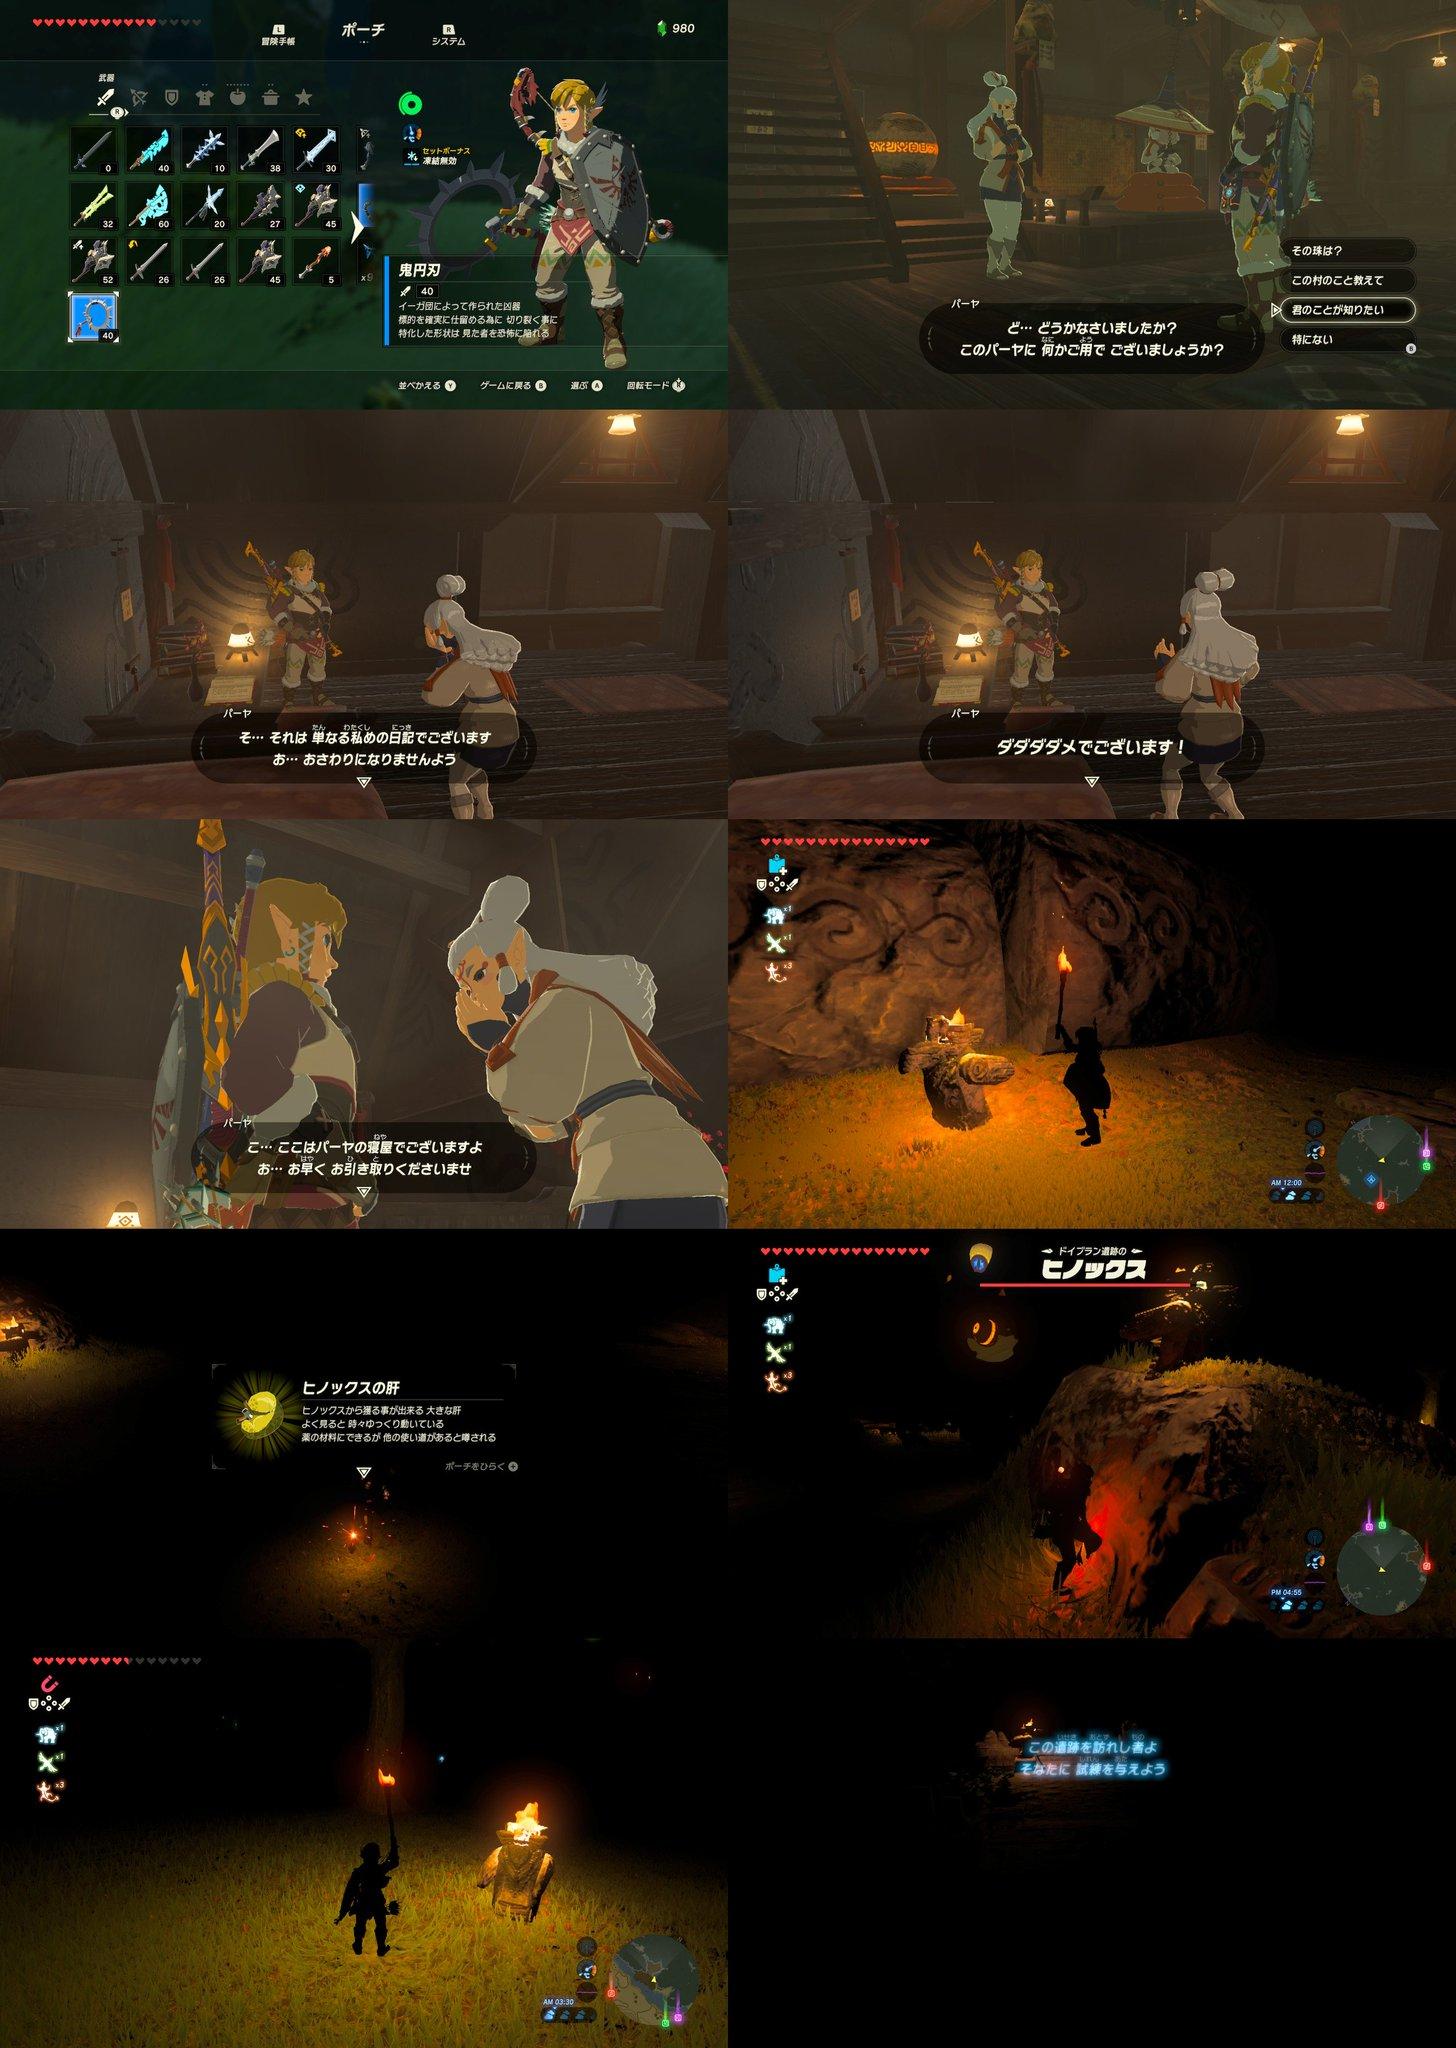 ヒノックス倒すのたぶんはじめて。暗闇の中の試練。パーヤのフラグがなかなか立たない。イーガ団のひとりから鬼円刃を奪ったけどけっこう強そう。 #ゼルダの伝説 #BreathoftheWild #NintendoSwitch https://t.co/t2hAhTO16v